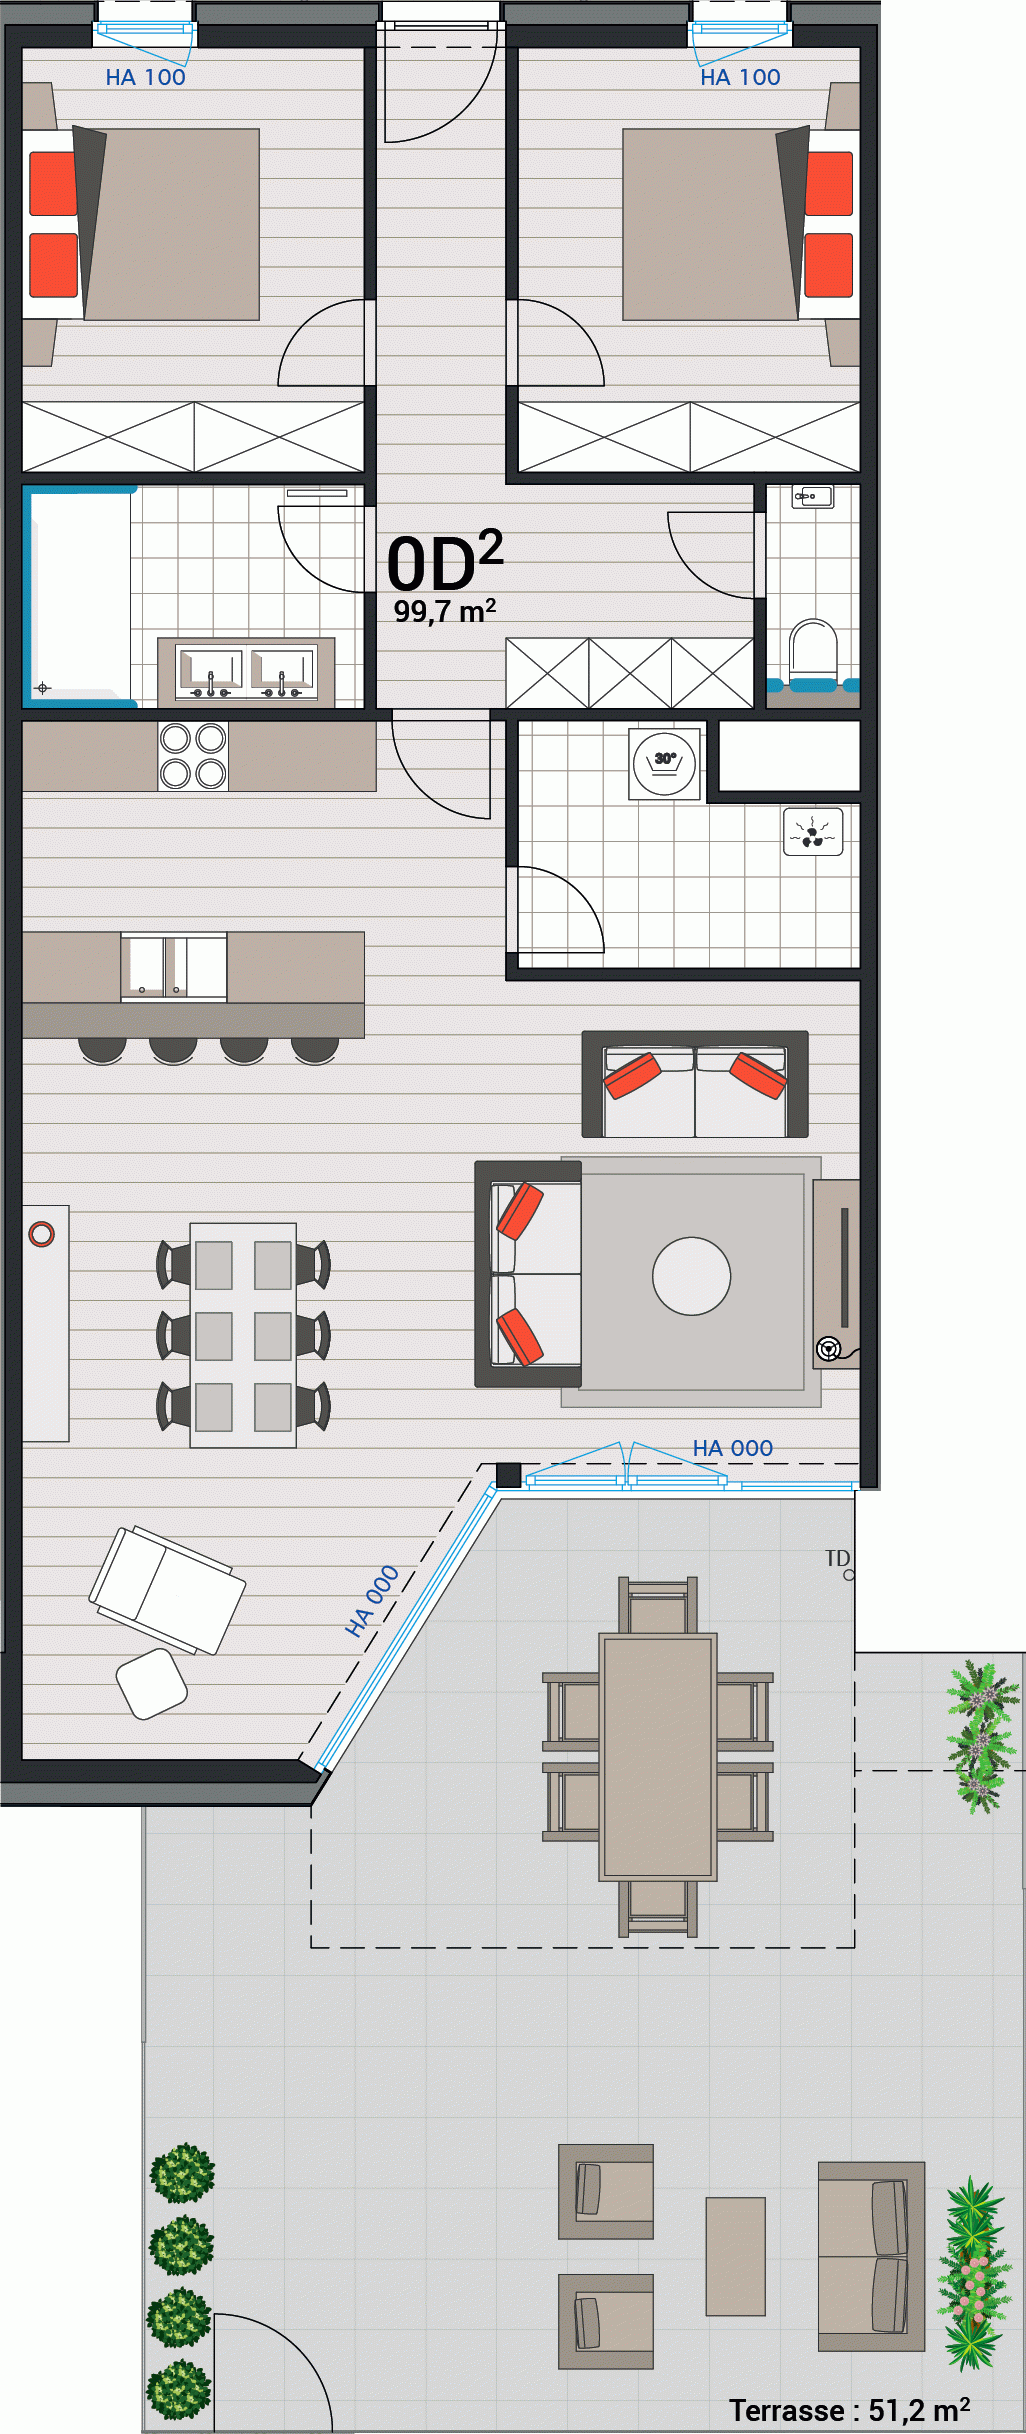 Appartement 0D